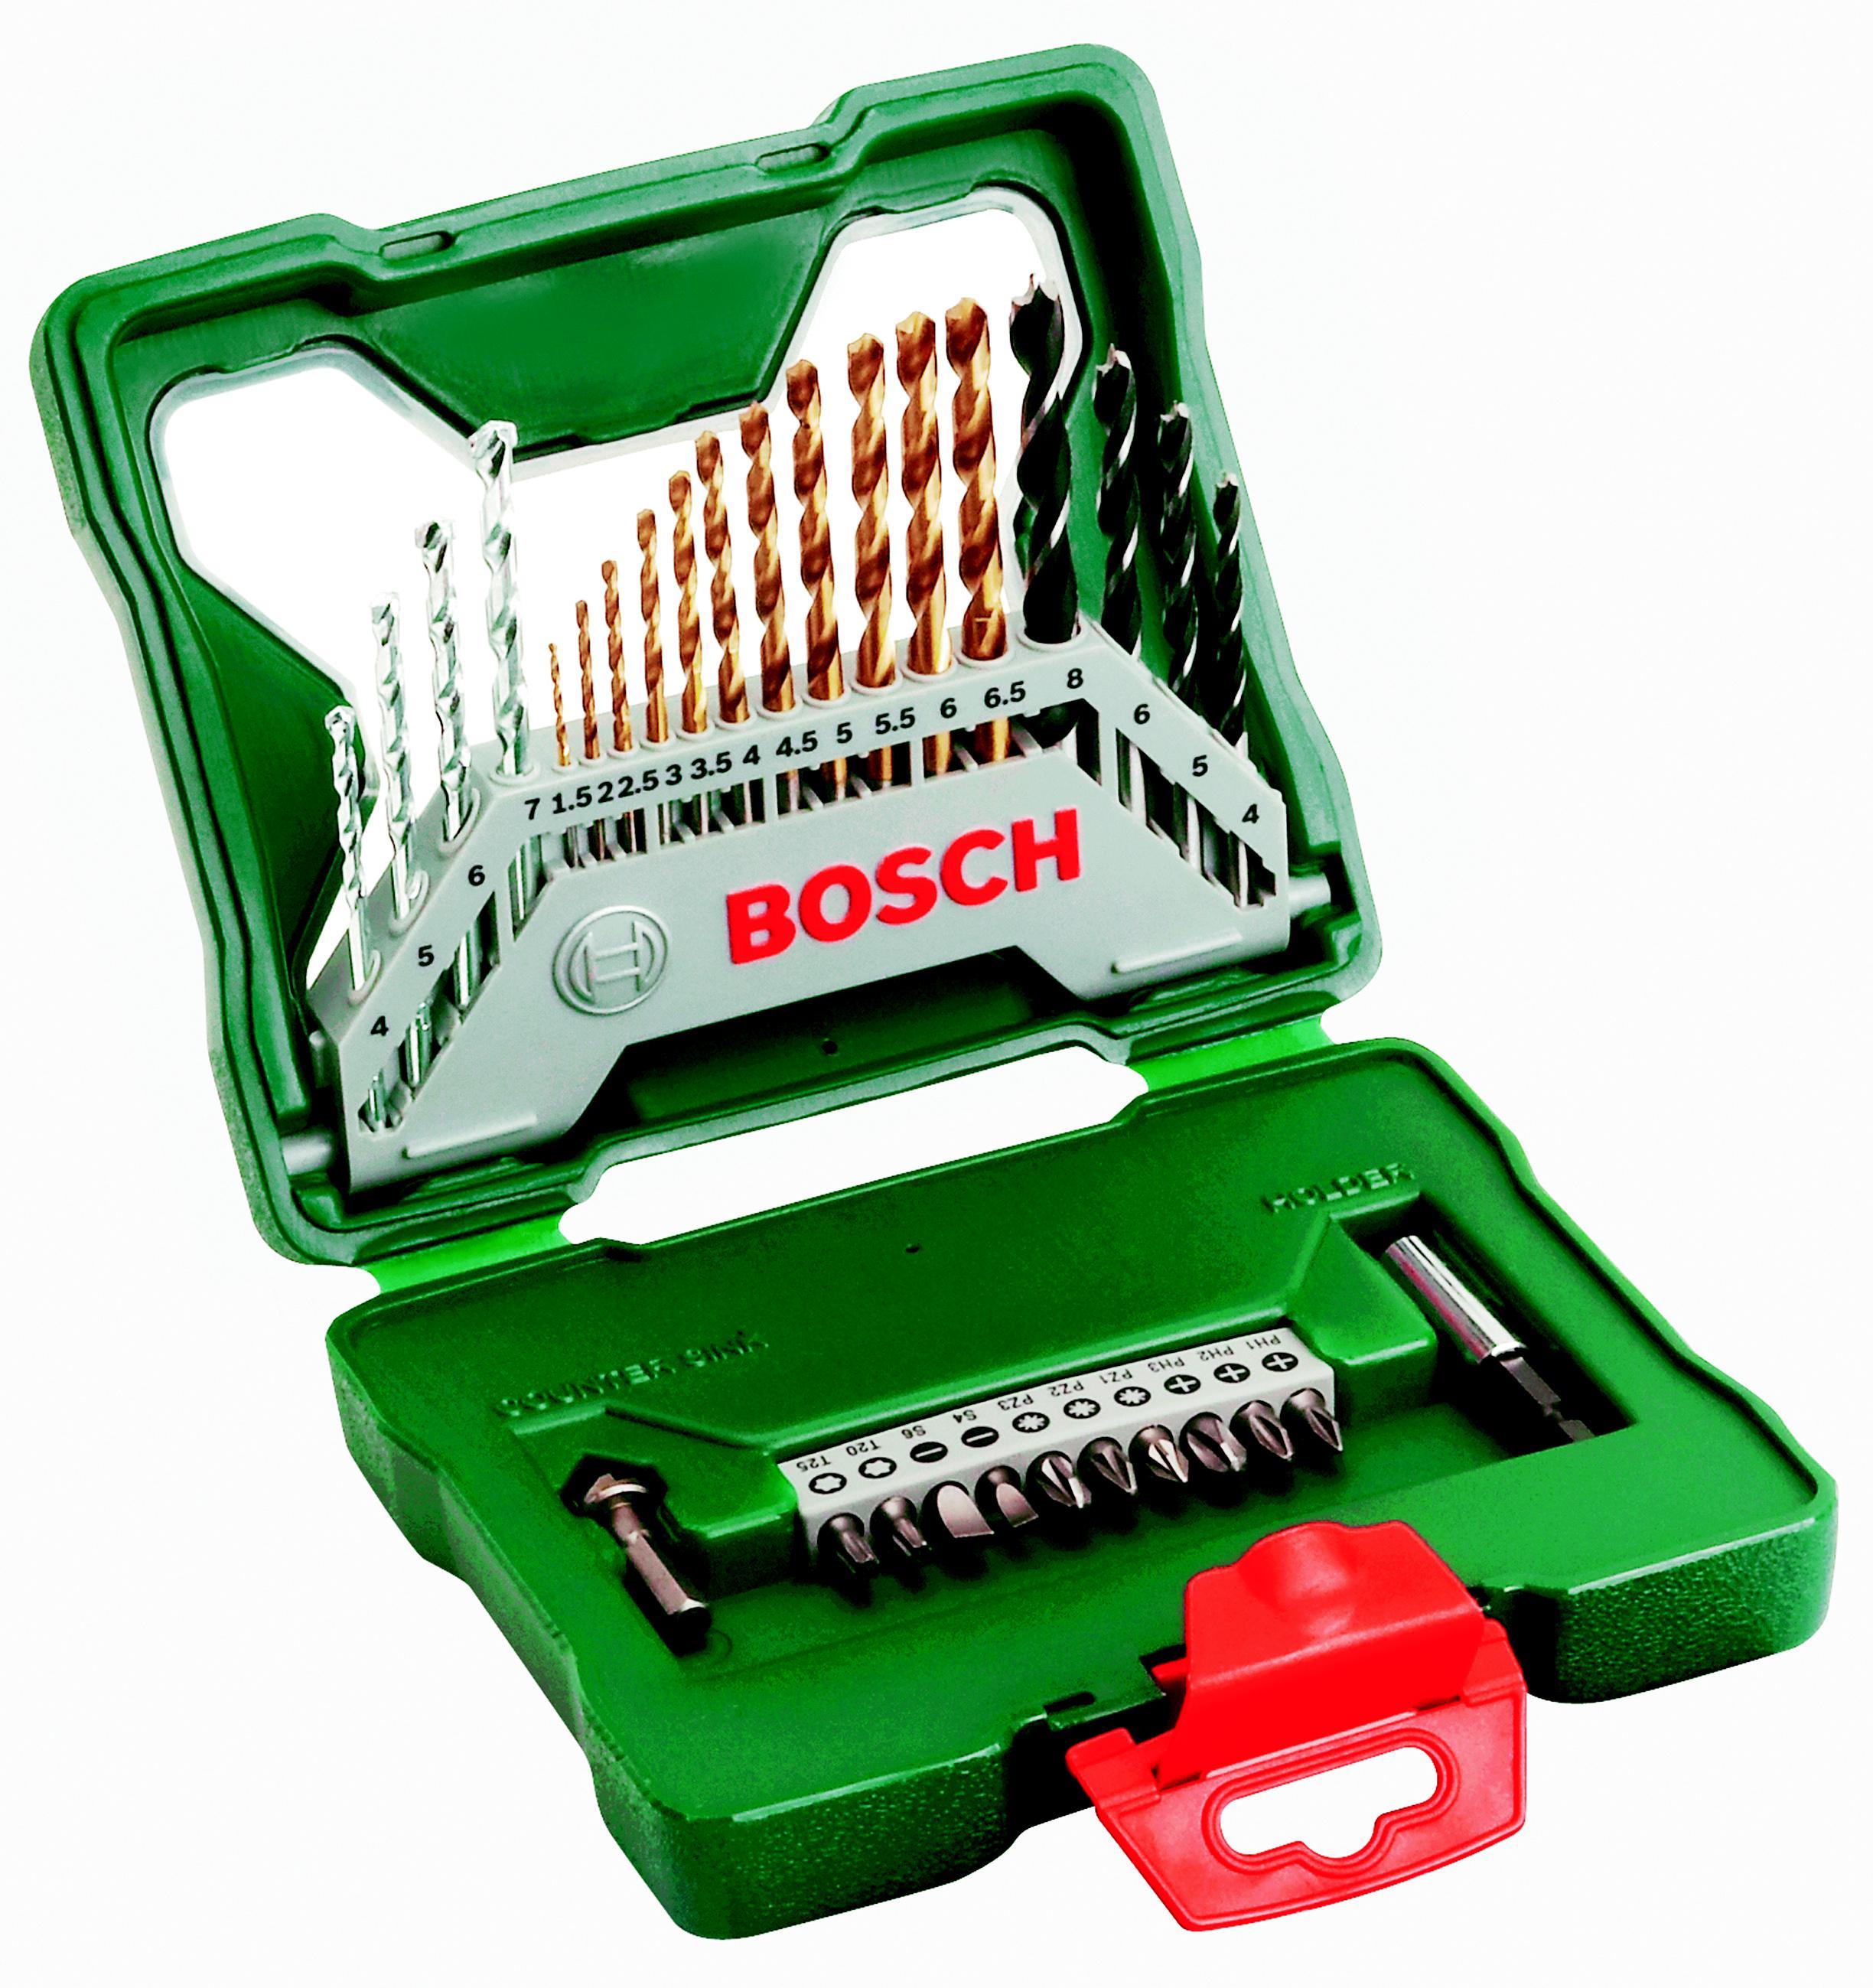 Набор бит и сверл Bosch X-line 30 titanium (2.607.019.324) цена и фото